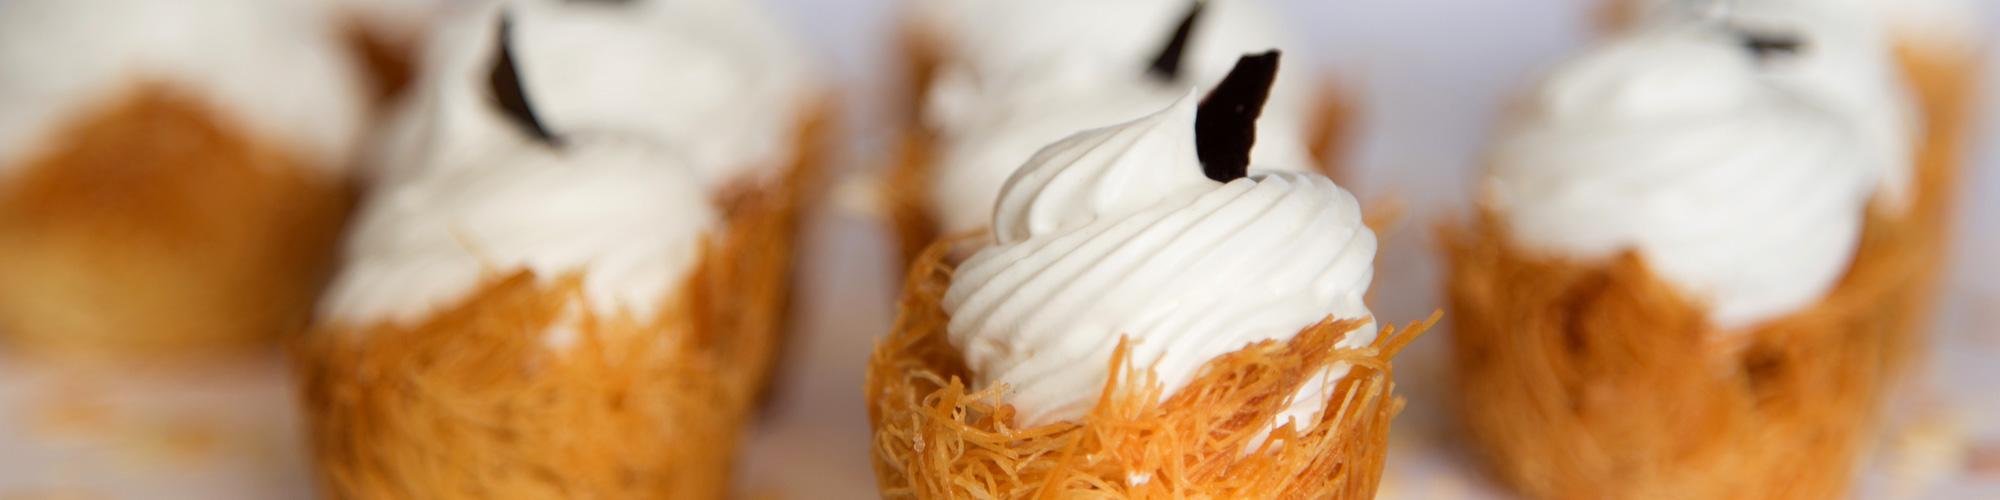 עוגיות אישיות עם קצפת